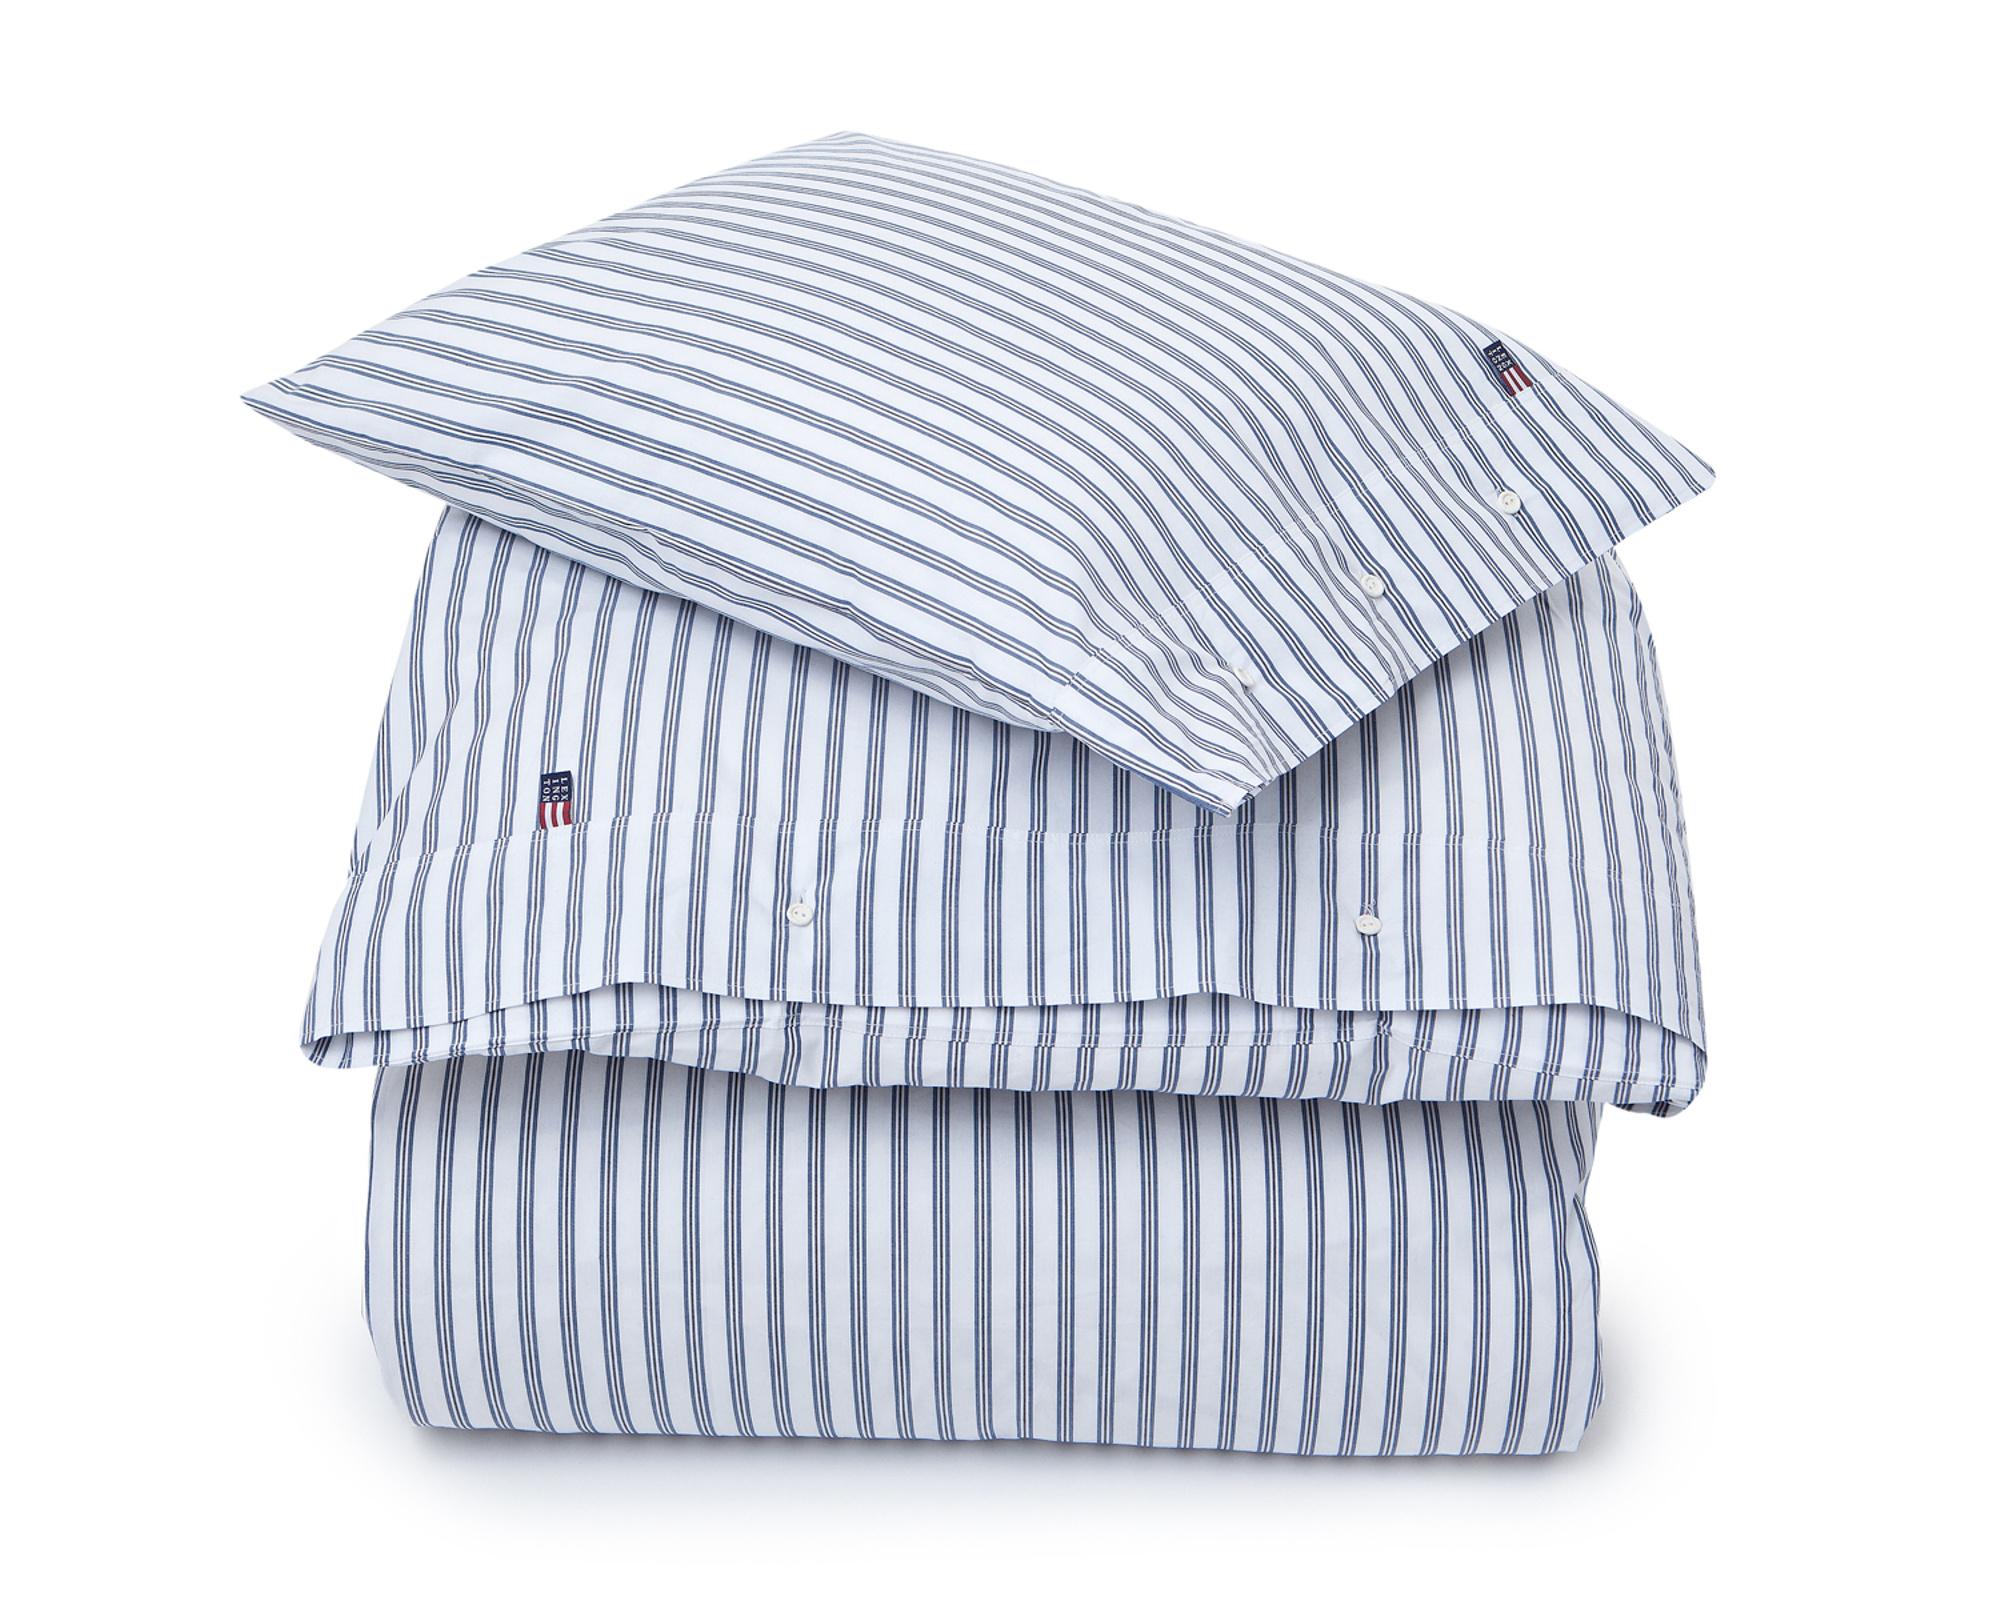 Blue Poplin Stripe Duvet